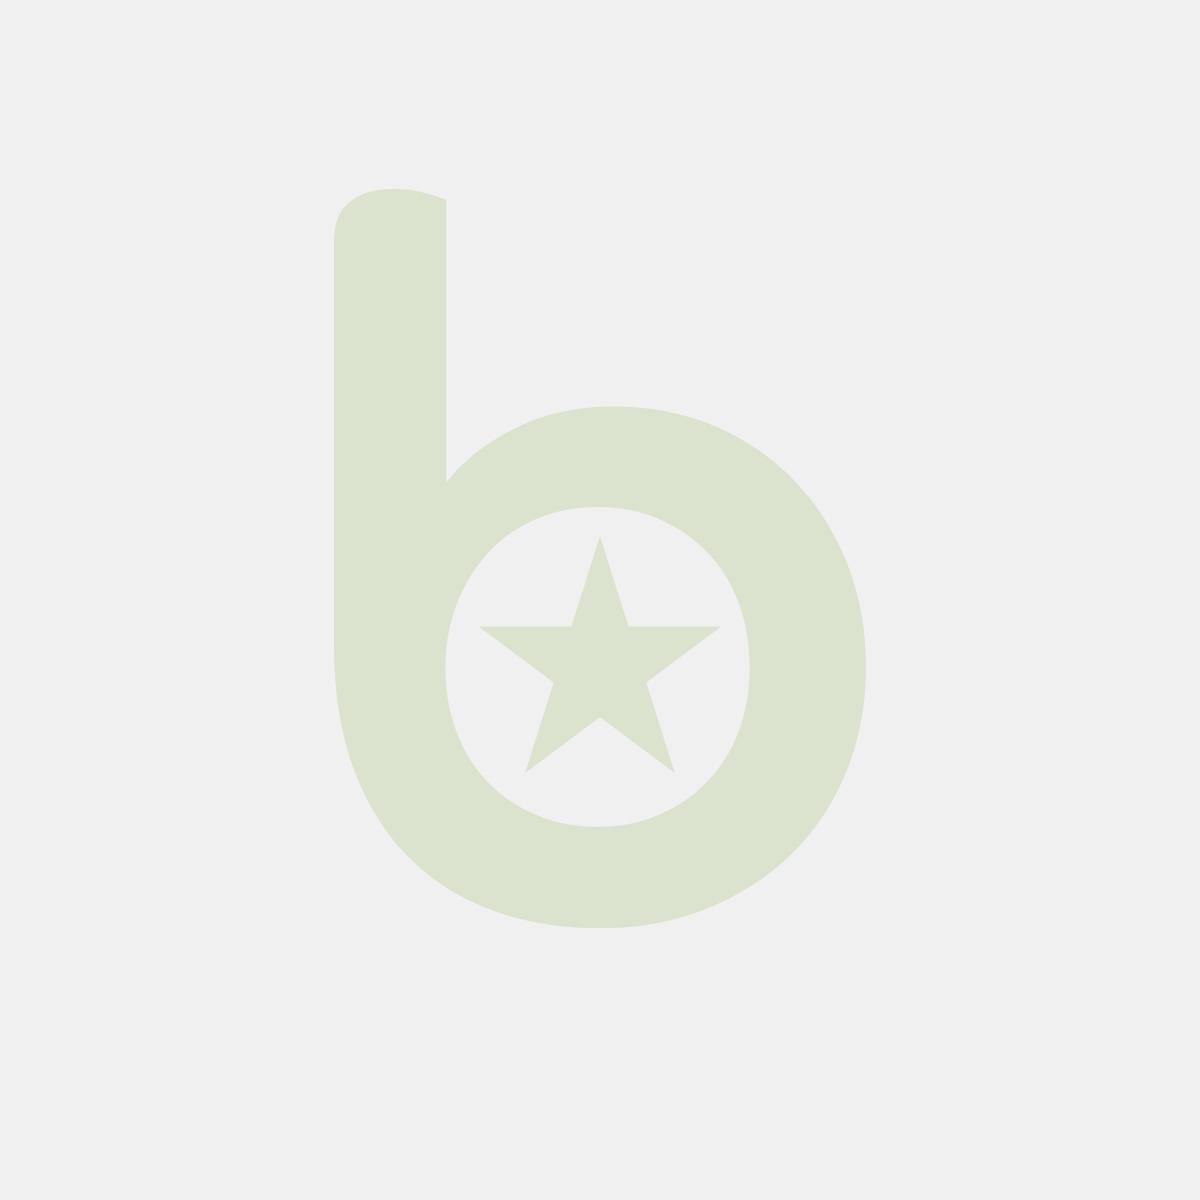 FINGERFOOD - patyczki 11cm TWISTER zakrzywione op. 100 sztuk